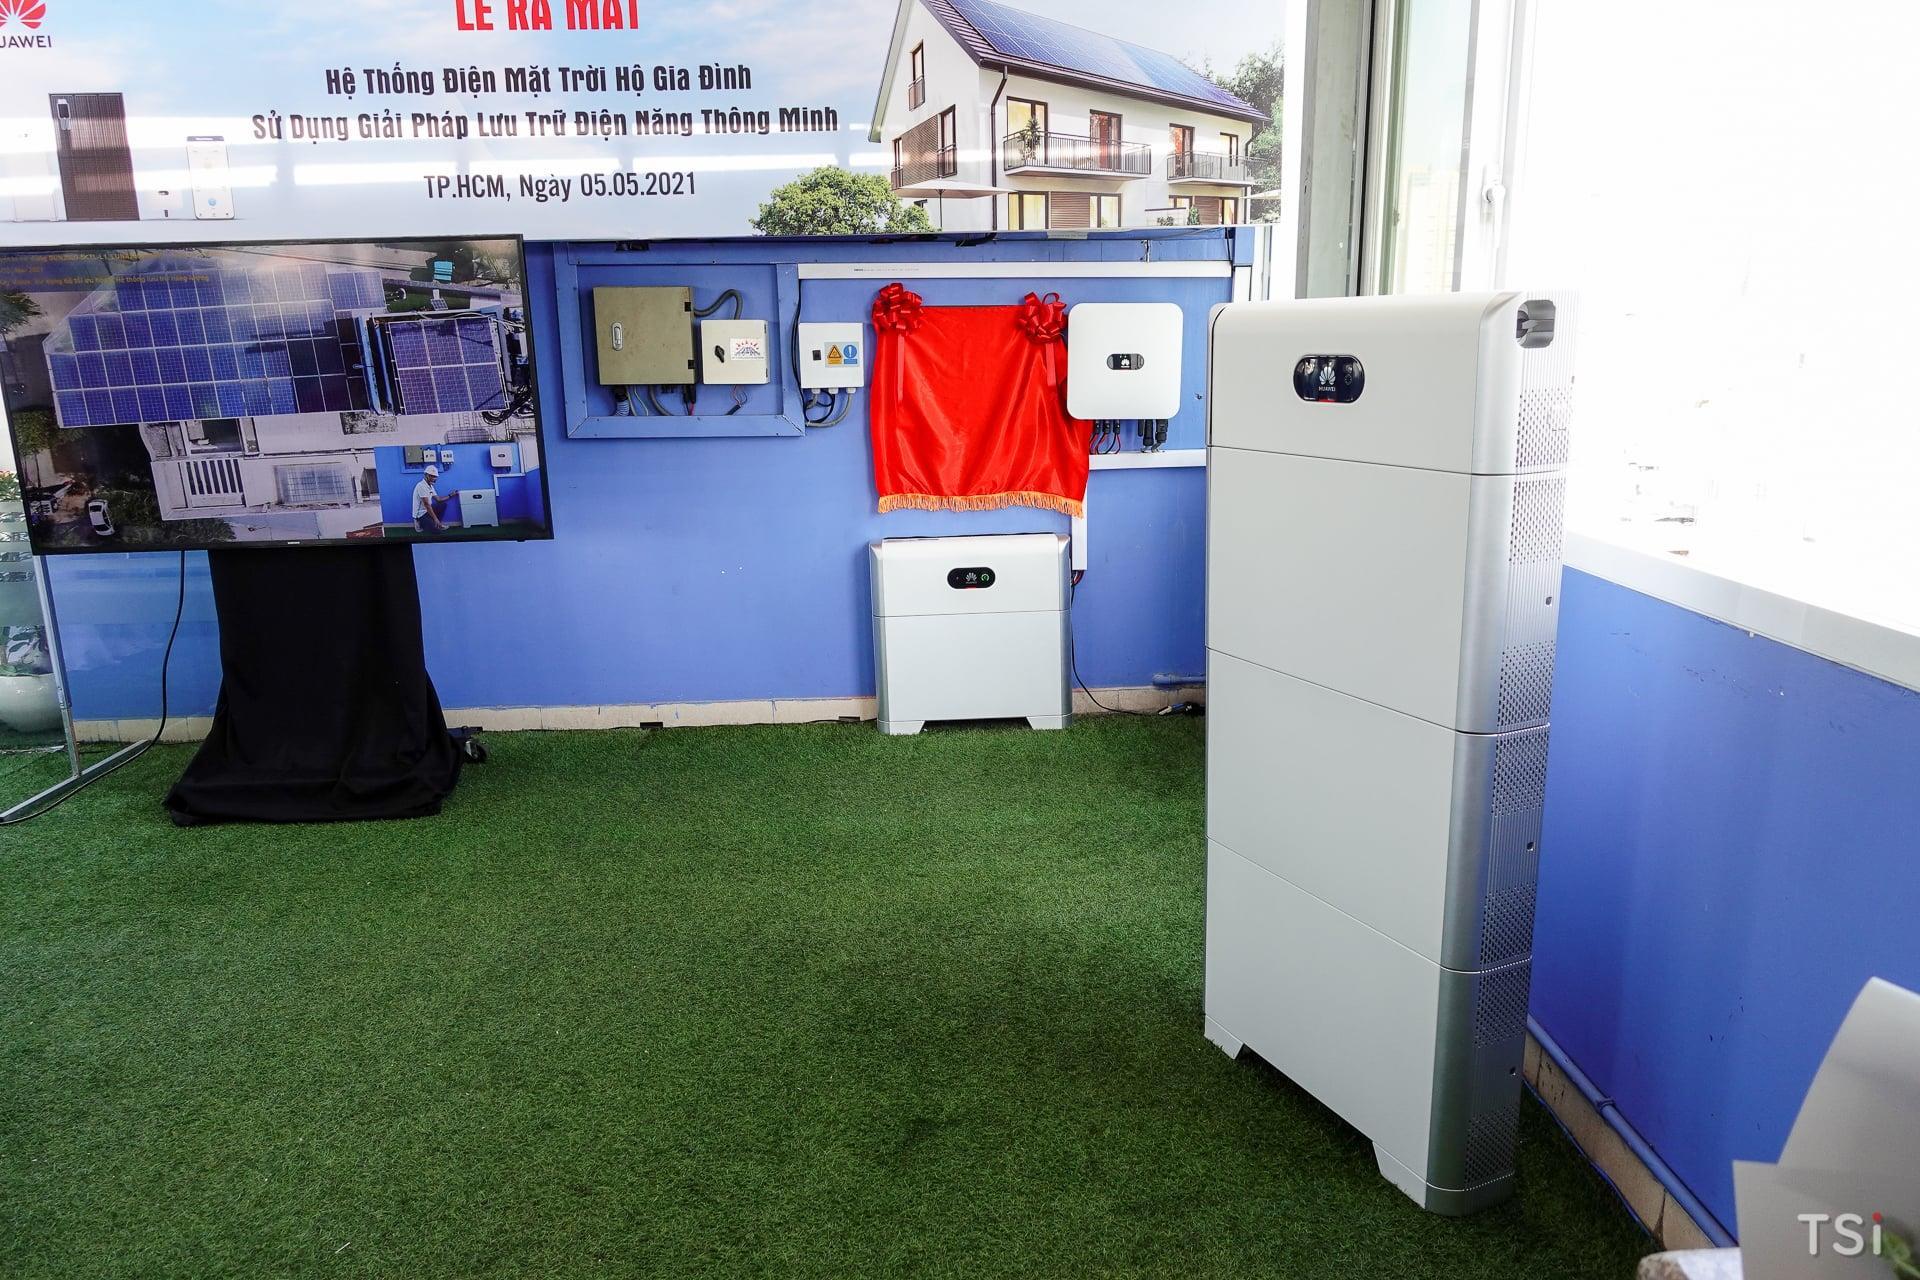 Huawei ra mắt bộ lưu điện cho nhu cầu dùng năng lượng mặt trời